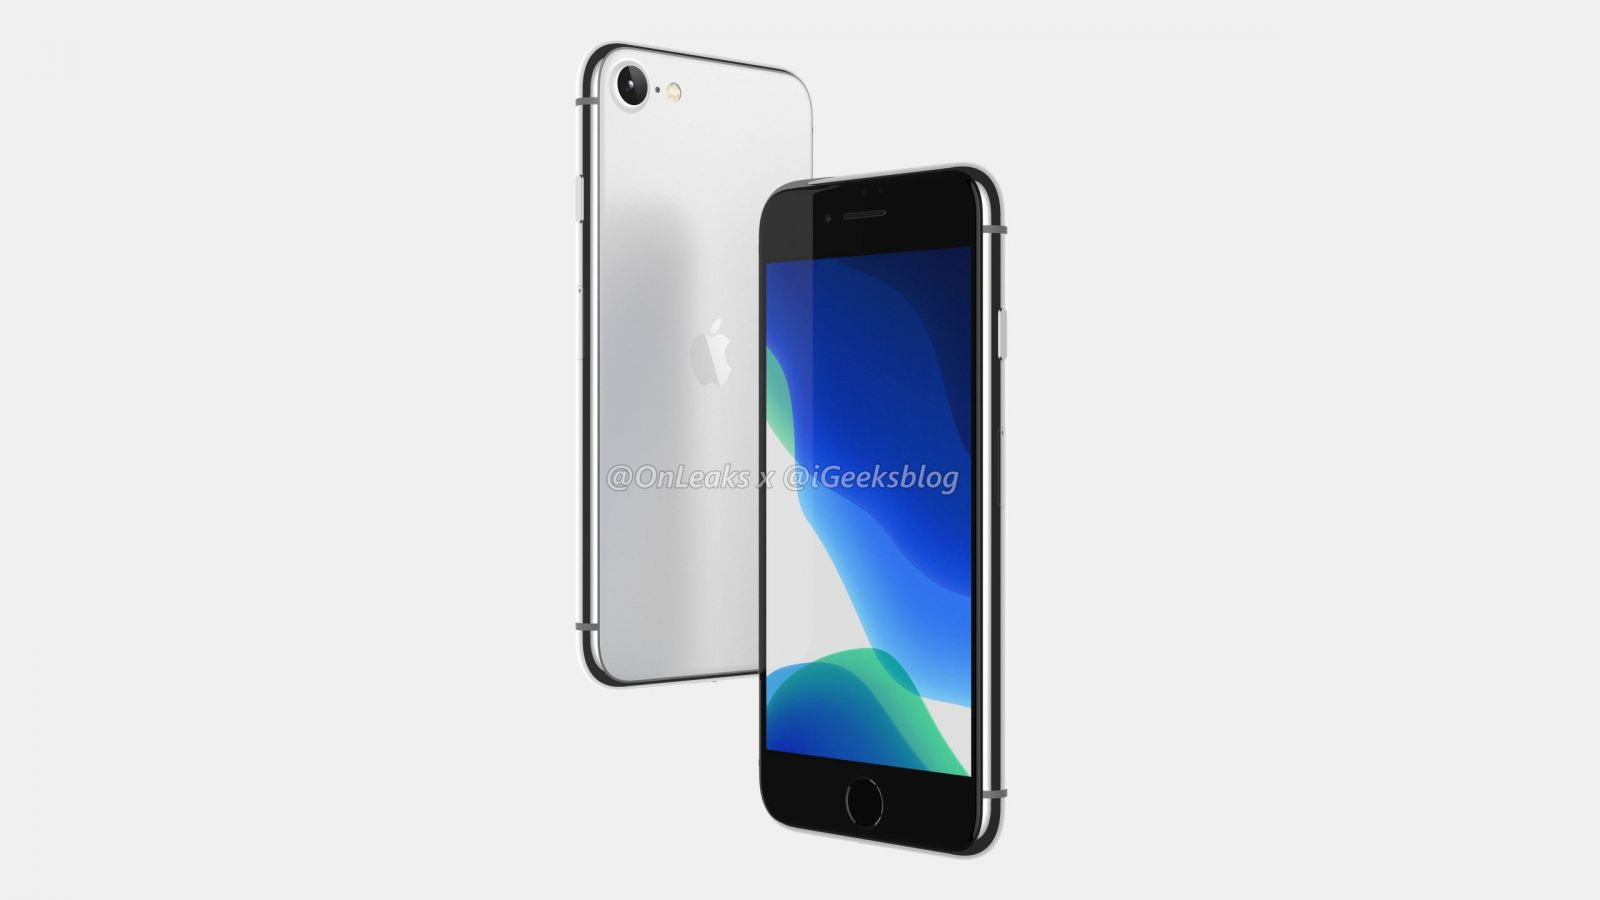 Možná podoba iPhonu SE 2, leaker Steve H.McFly